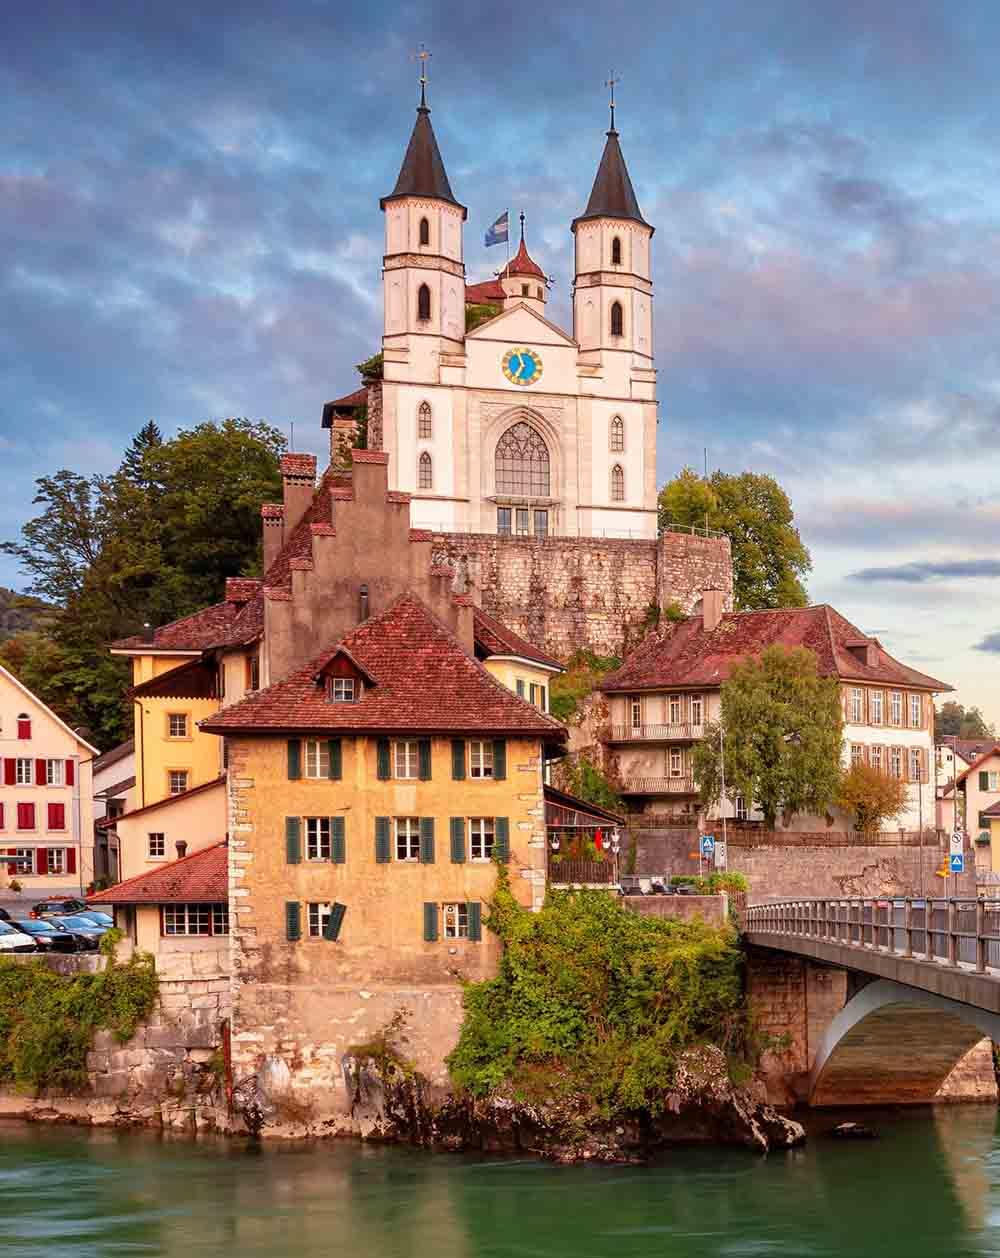 Холст с красками 17х22 по номер. в кор. (14цв.) Швейцарский замок Арбург (Арт. ХК-8139)